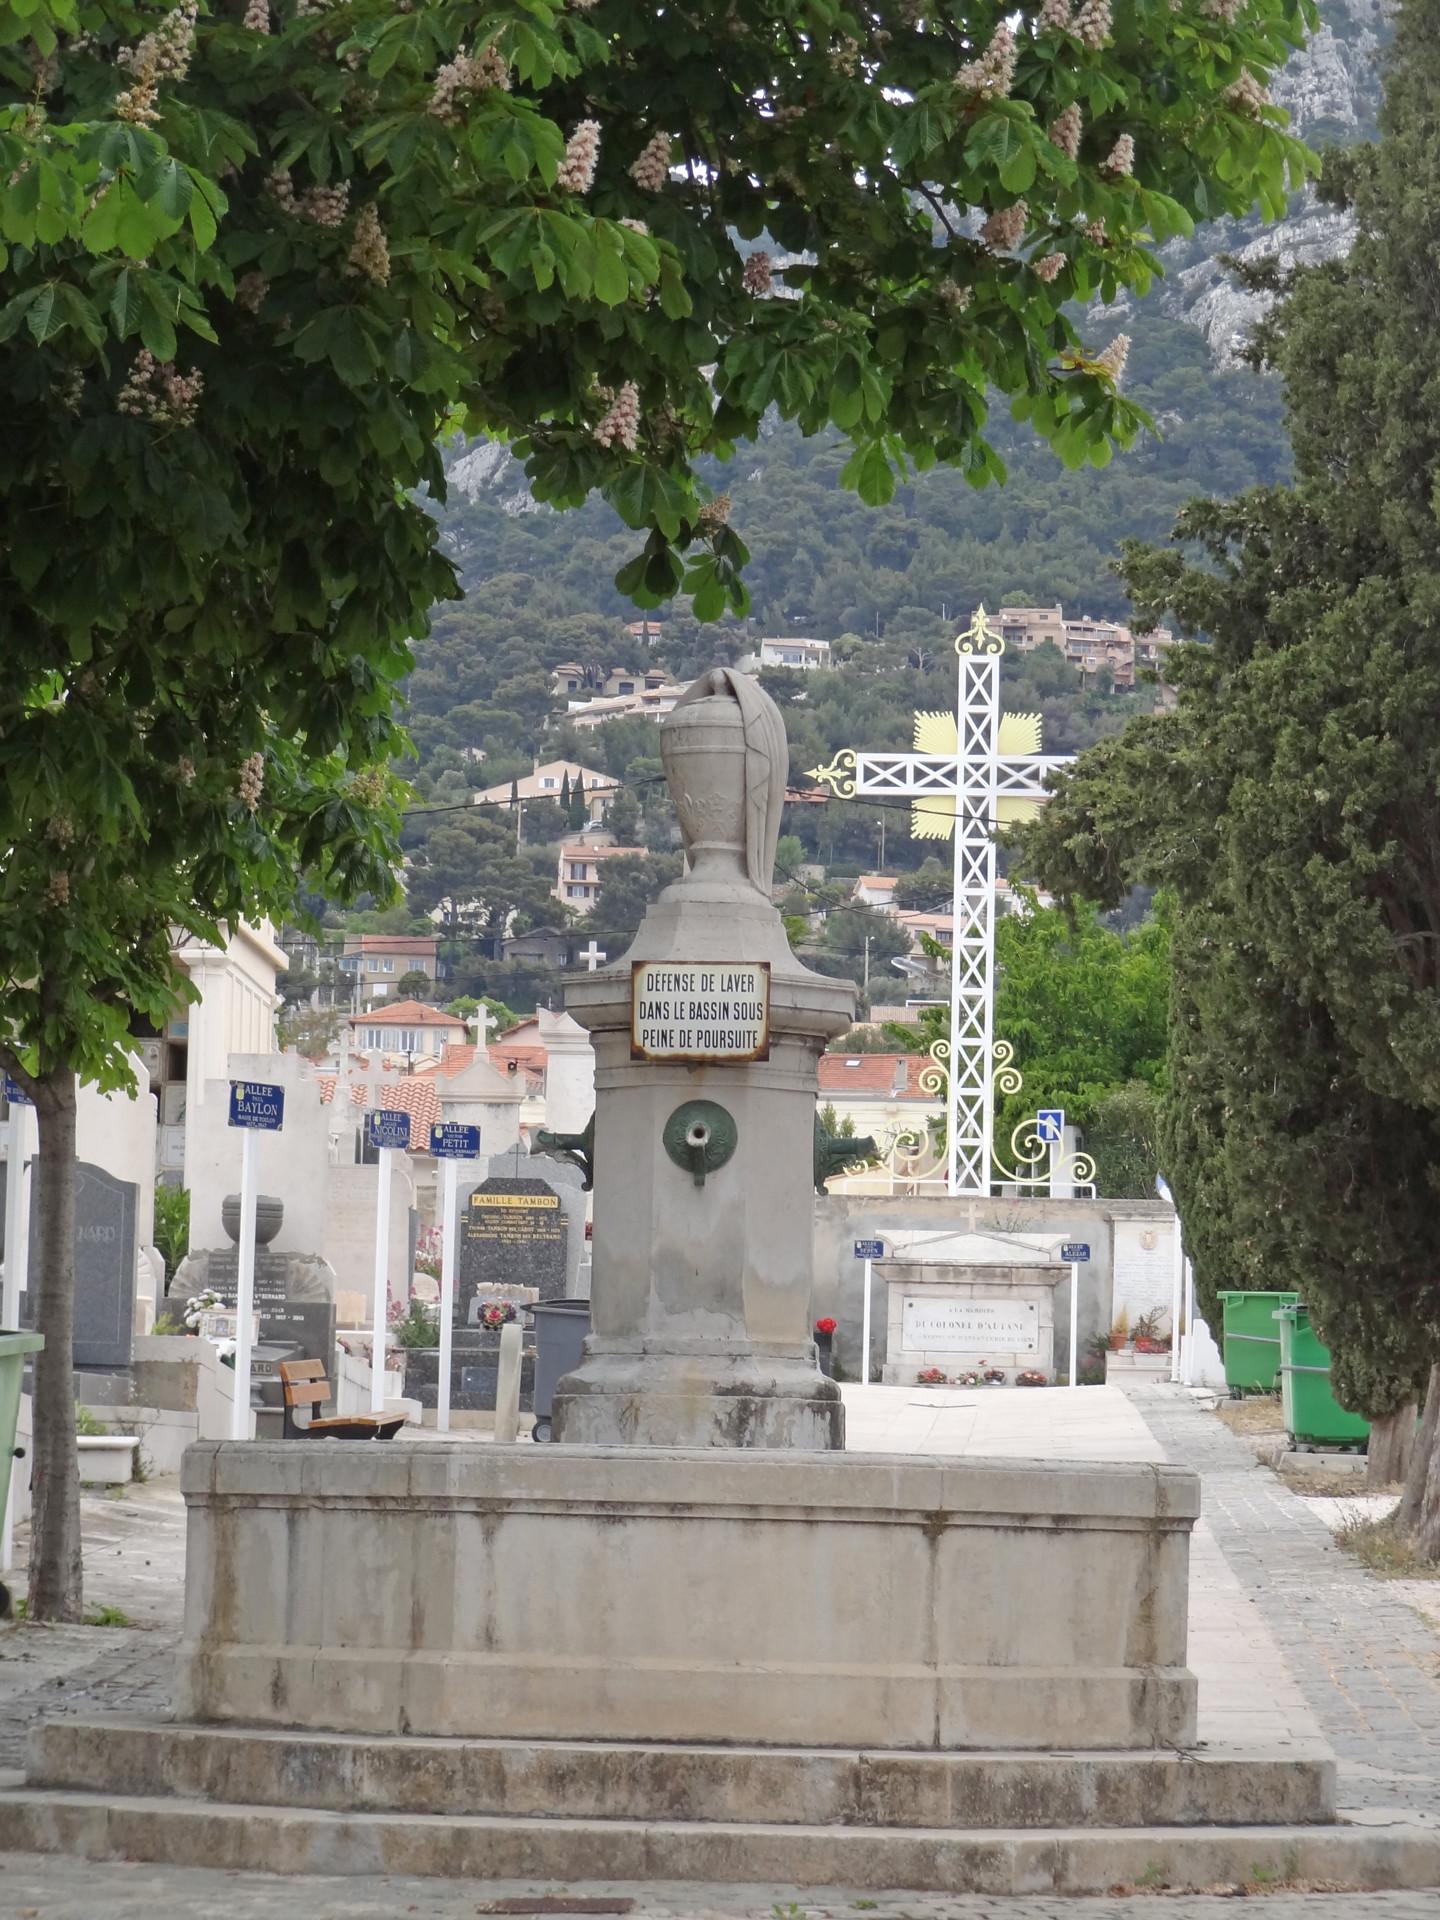 6 2 Toulon Fontaine et croix extérieure (1.3.5 cité dans le texte) - copie_l